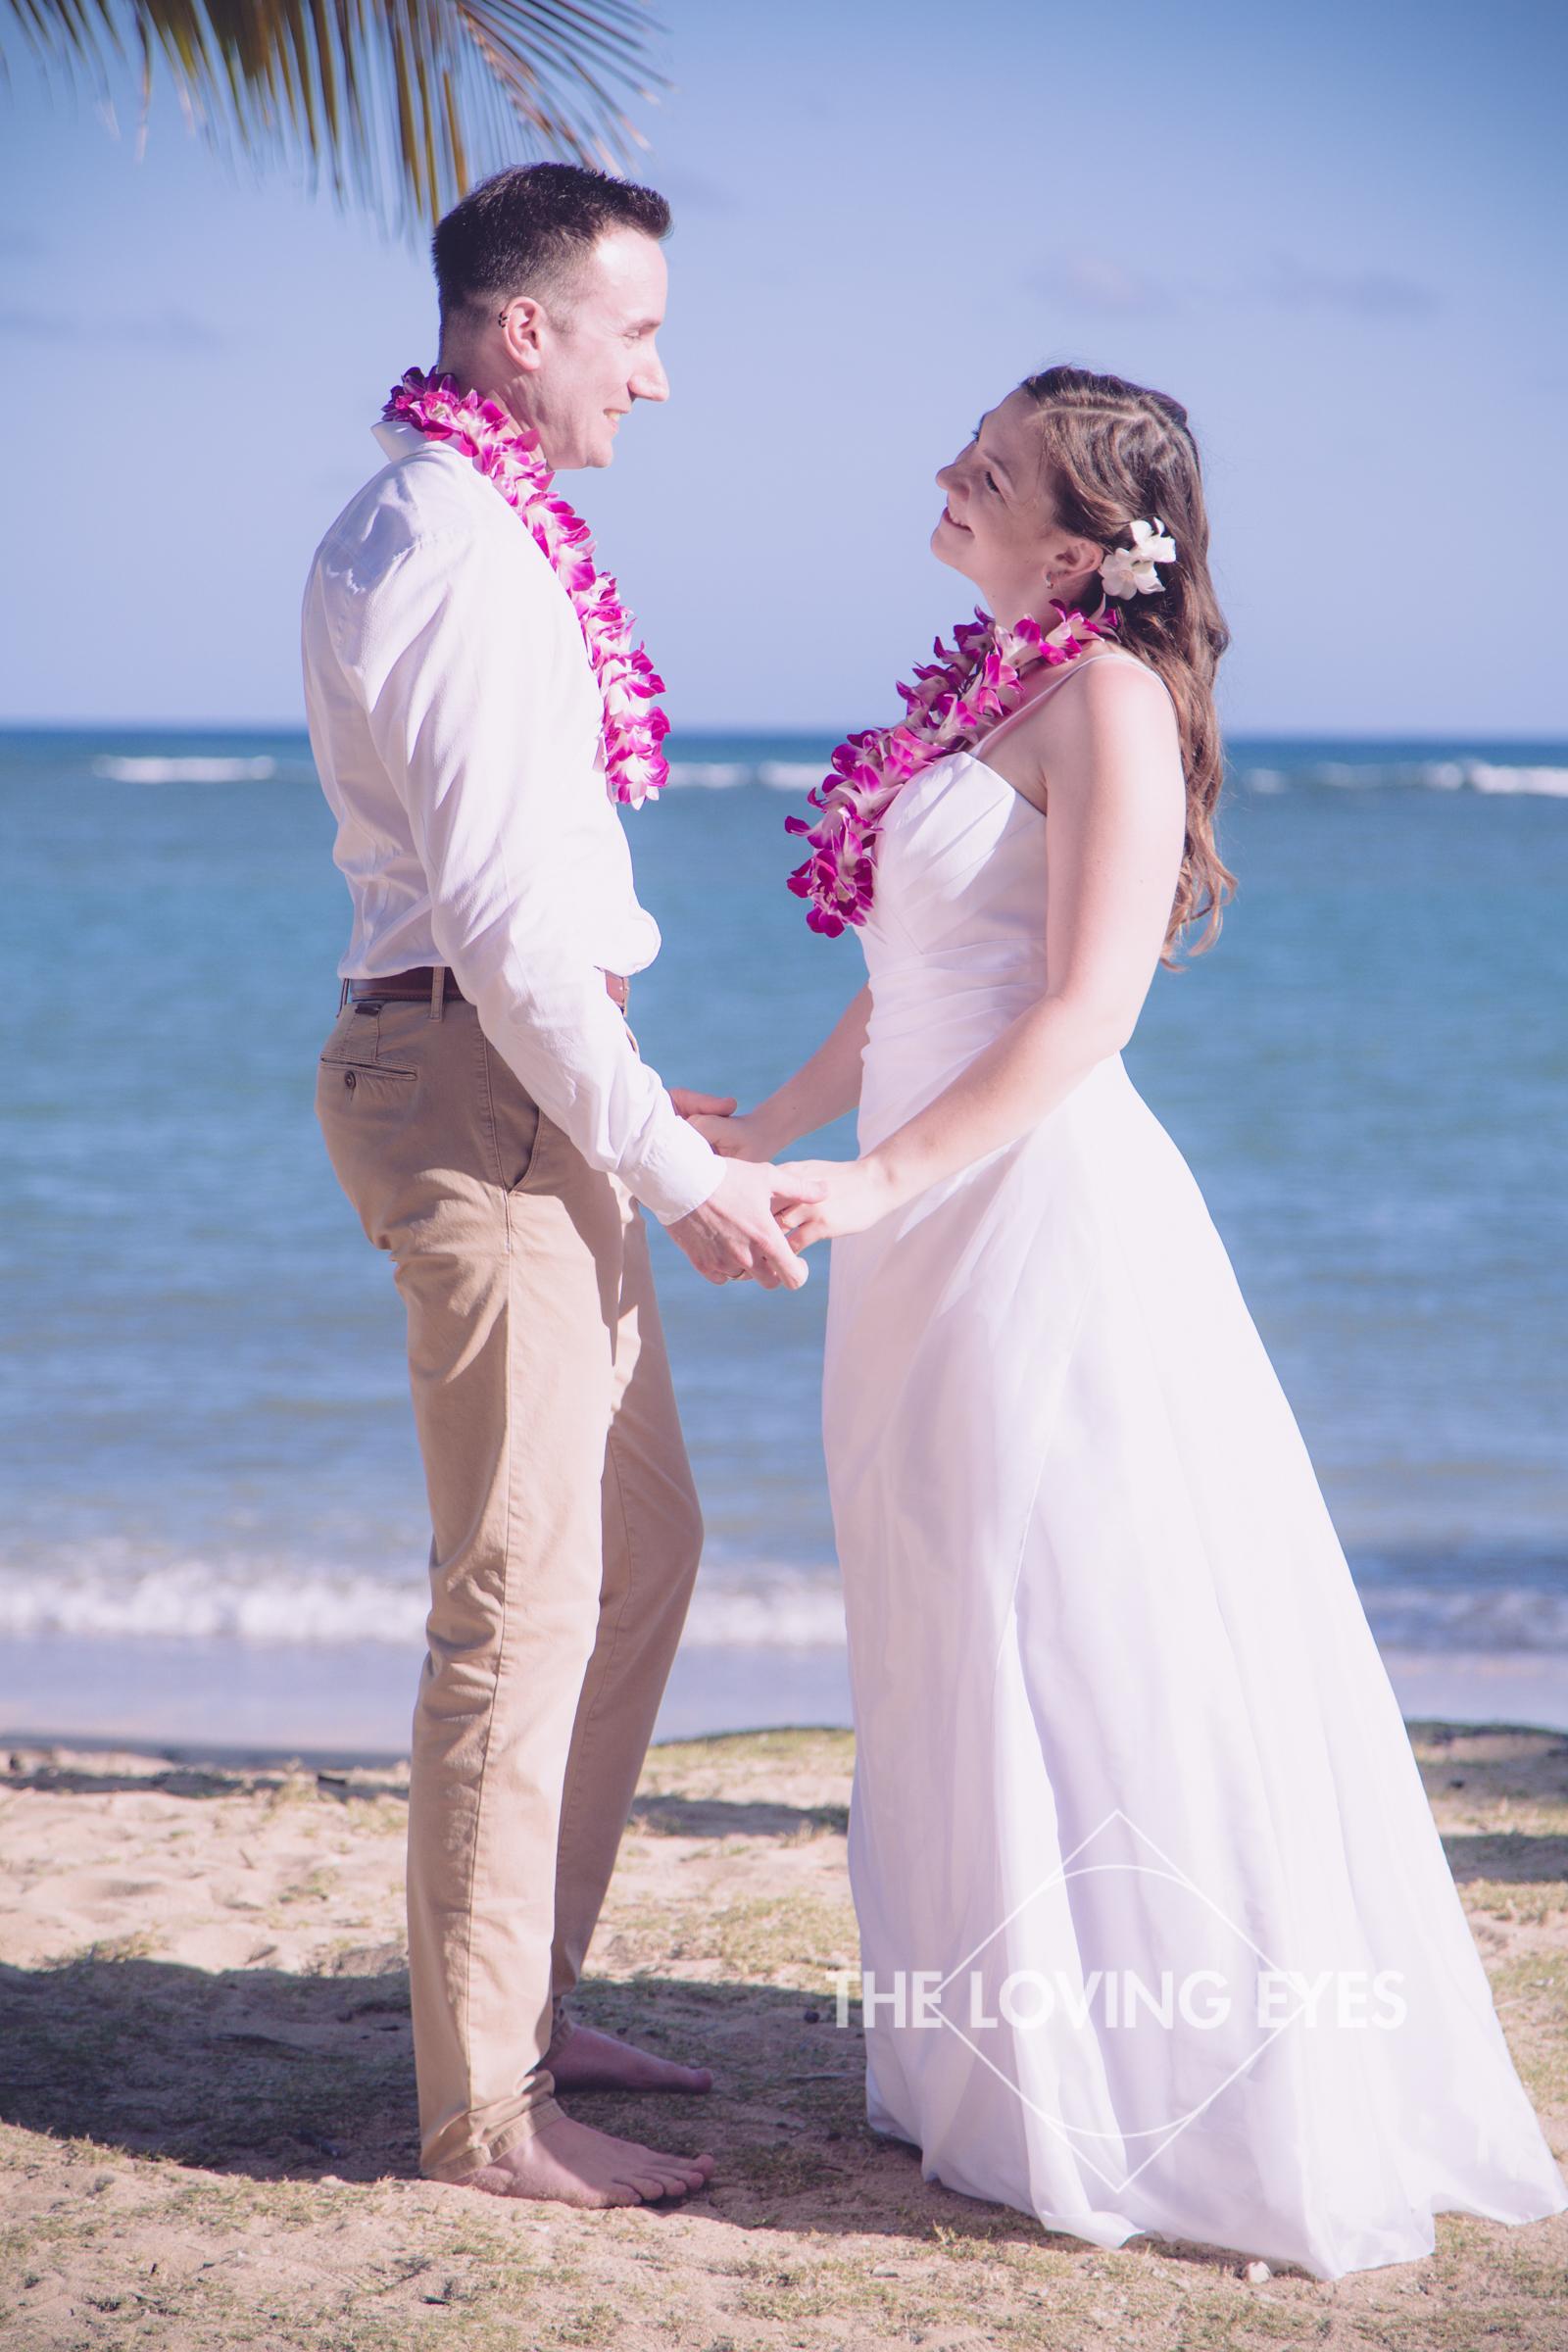 Hawaii-beach-elopement-3.jpg